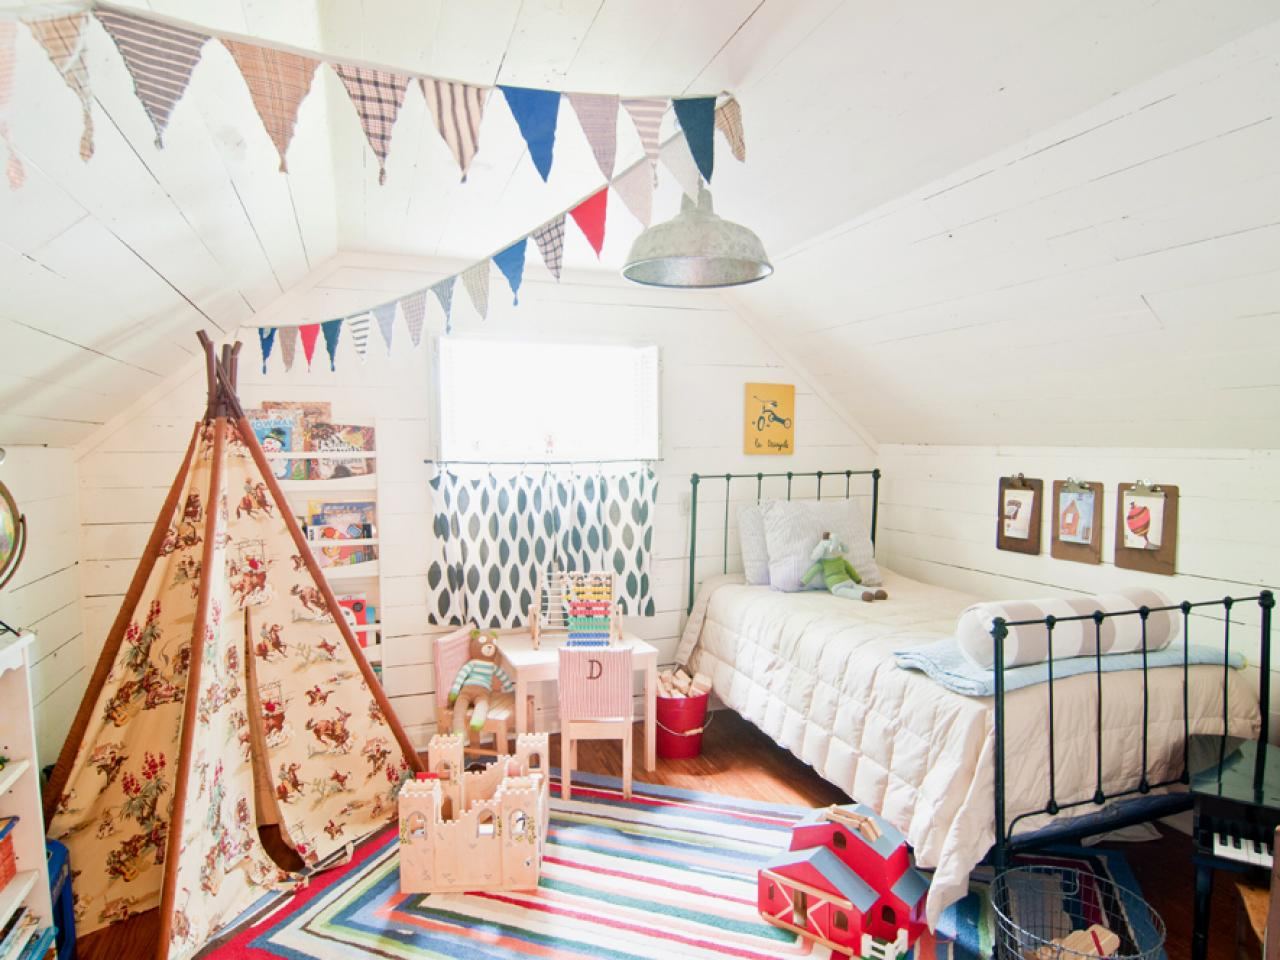 Согласно фен-шую, цвет стен для комнаты ребенка предпочтителен светлый и спокойный